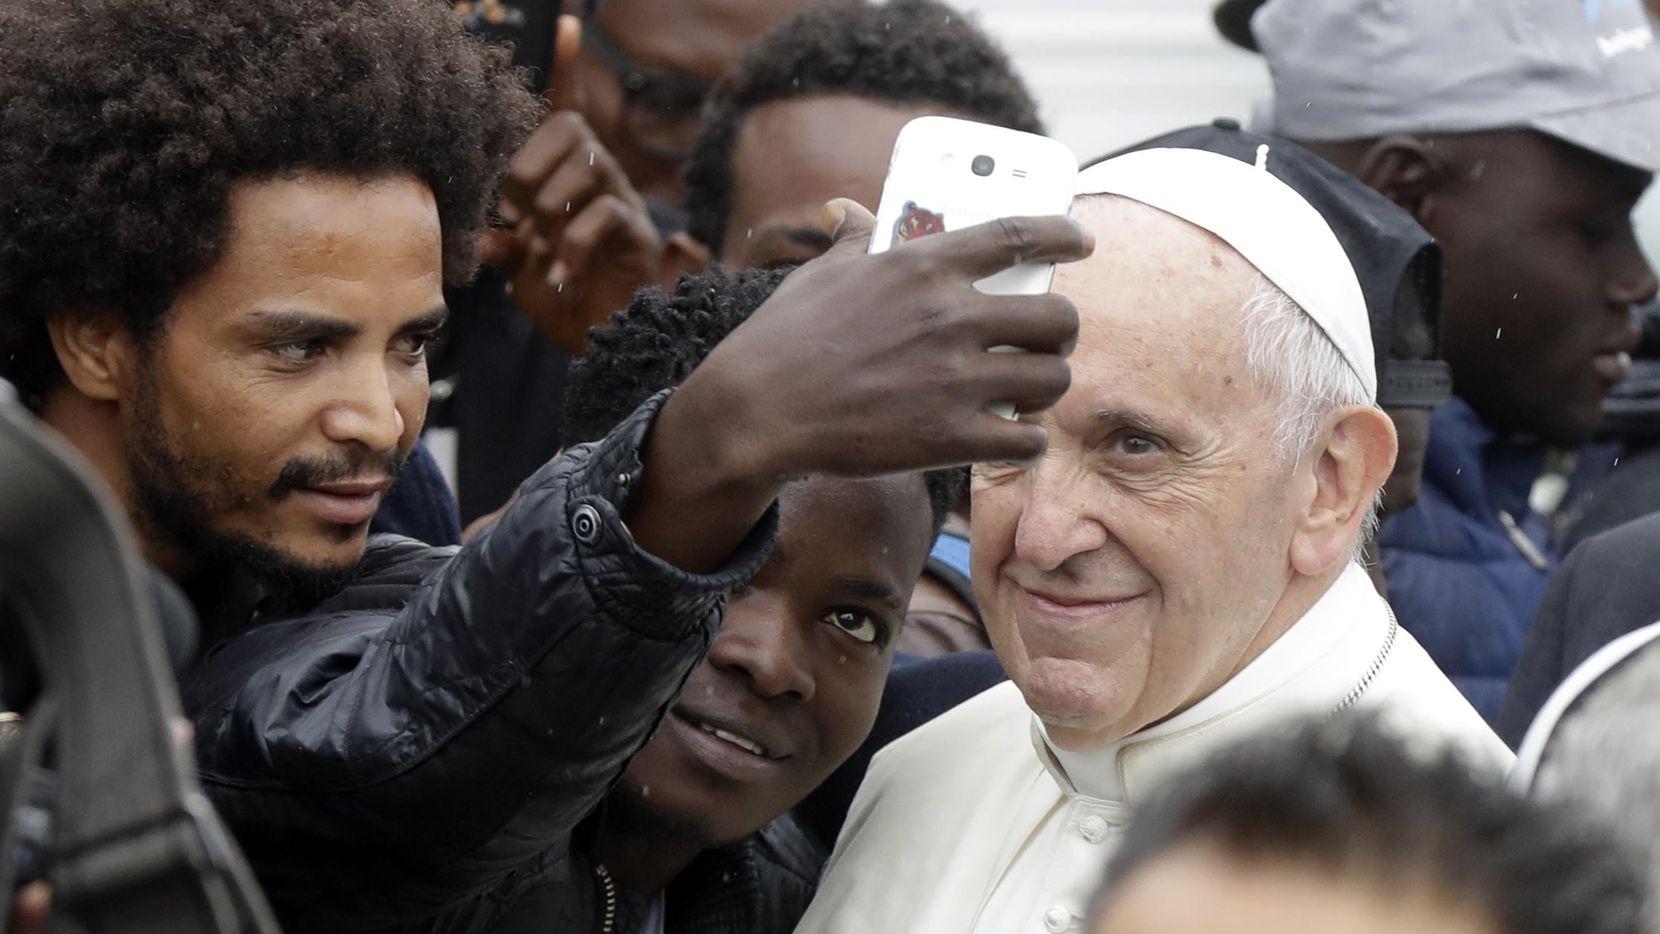 El Papa Francisco posa para tomarse una fotografía junto a un inmigrante de Africa en Bologna, Italia.(AP)